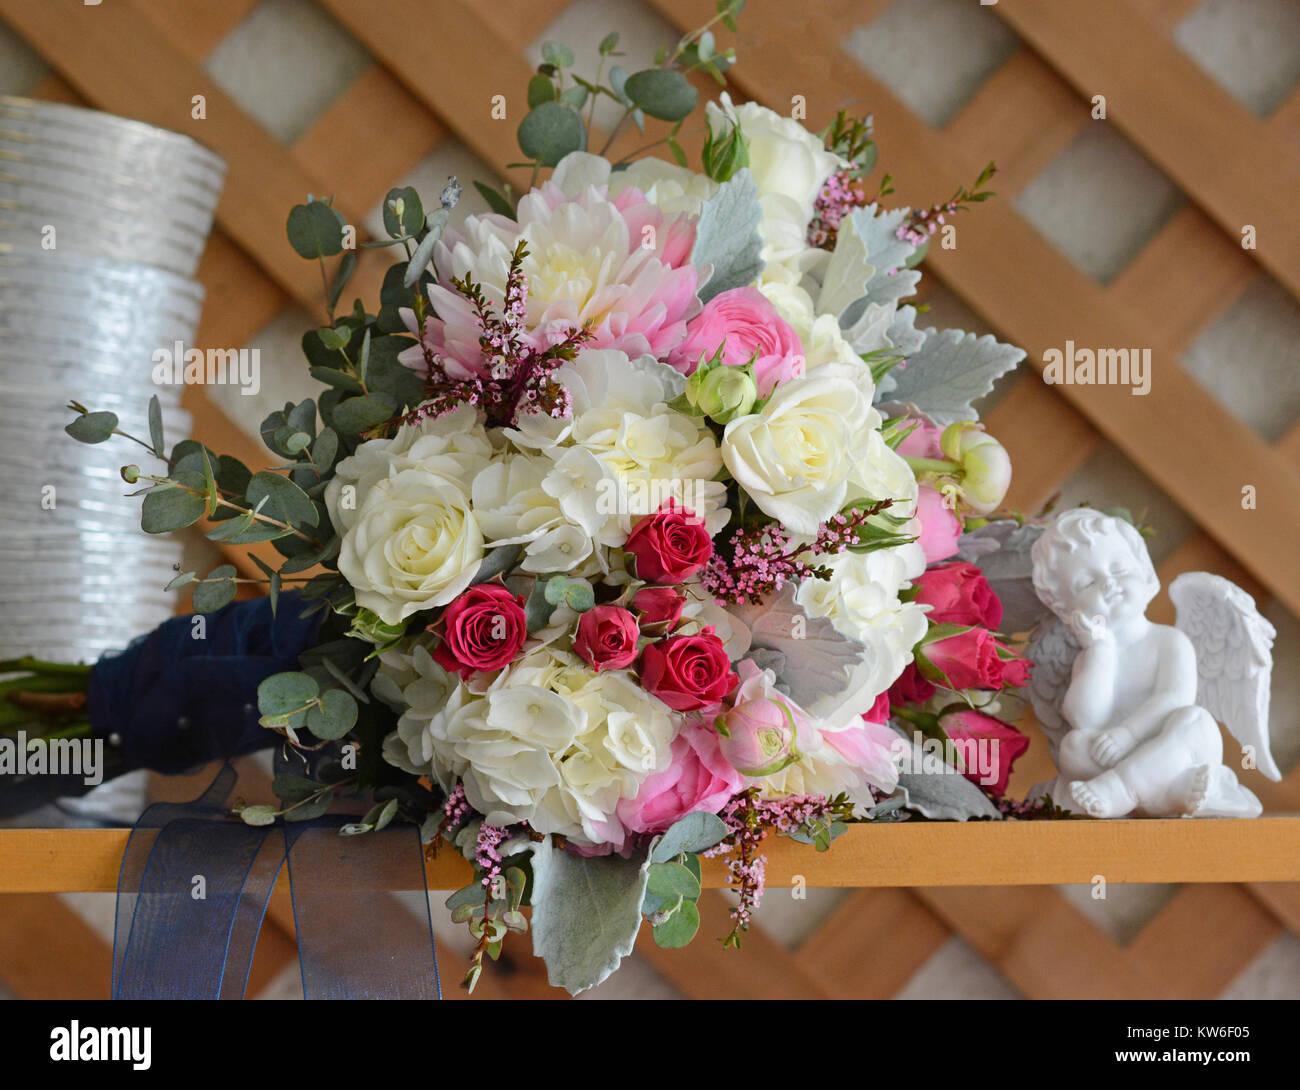 mariage bouquet de rose et de blanc portant sur une table avec une